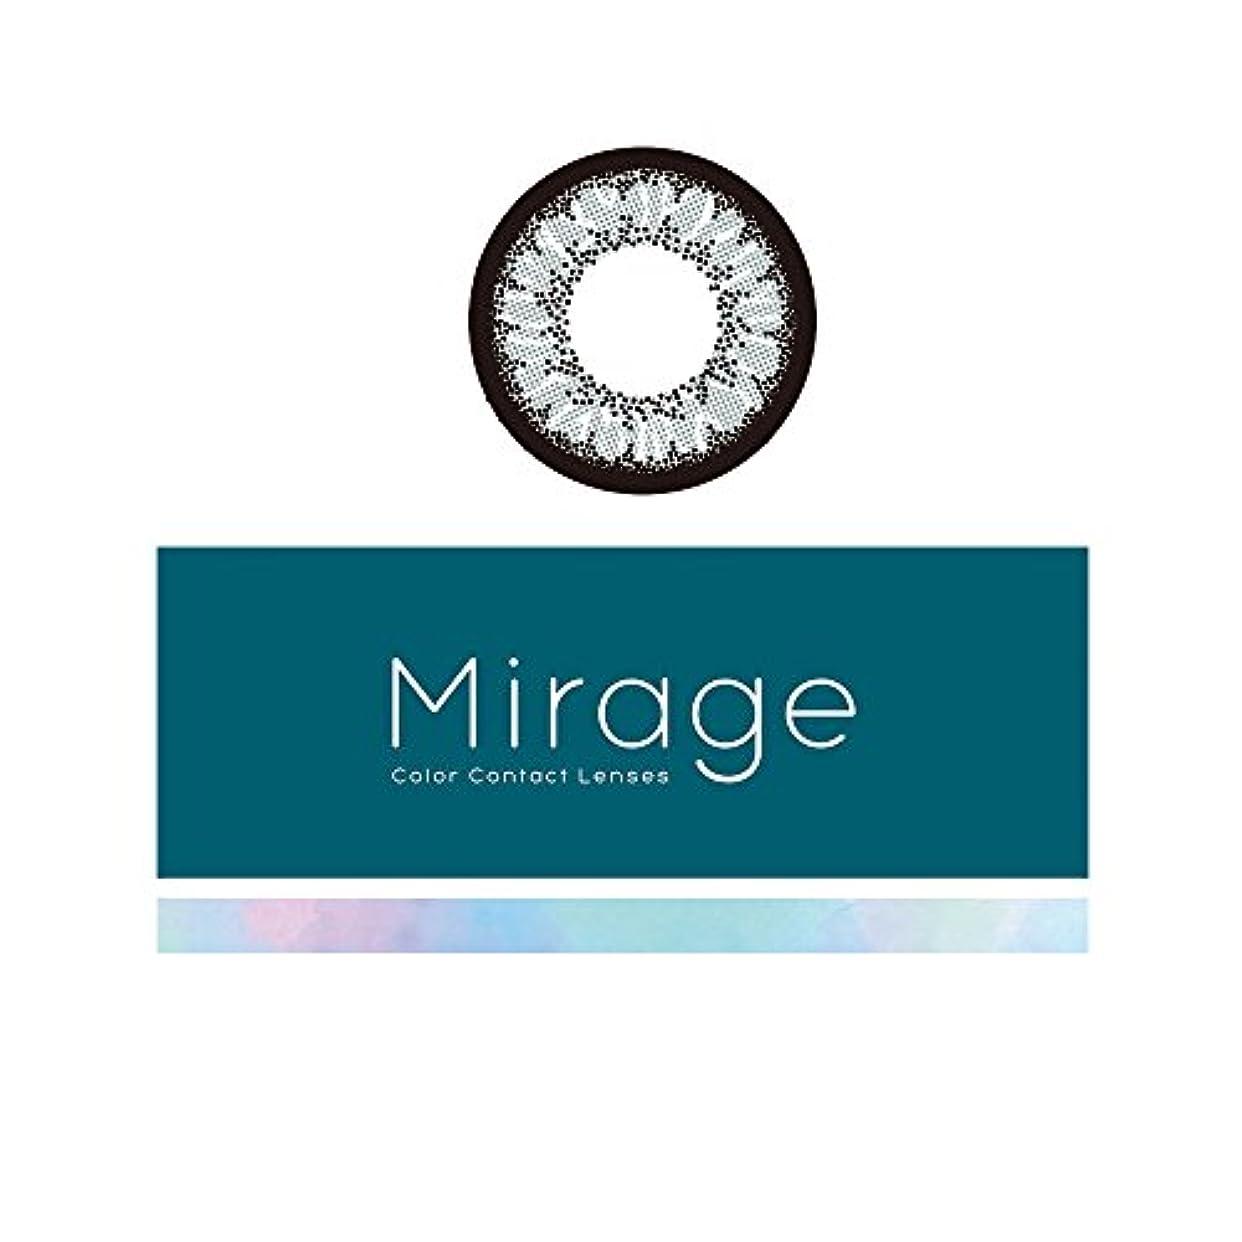 Mirage ミラージュ 1ヵ月交換カラコン 1枚入り 《デイジーグレー》 【BC】8.6 【DIA】14.5 (PWR, -0.50)